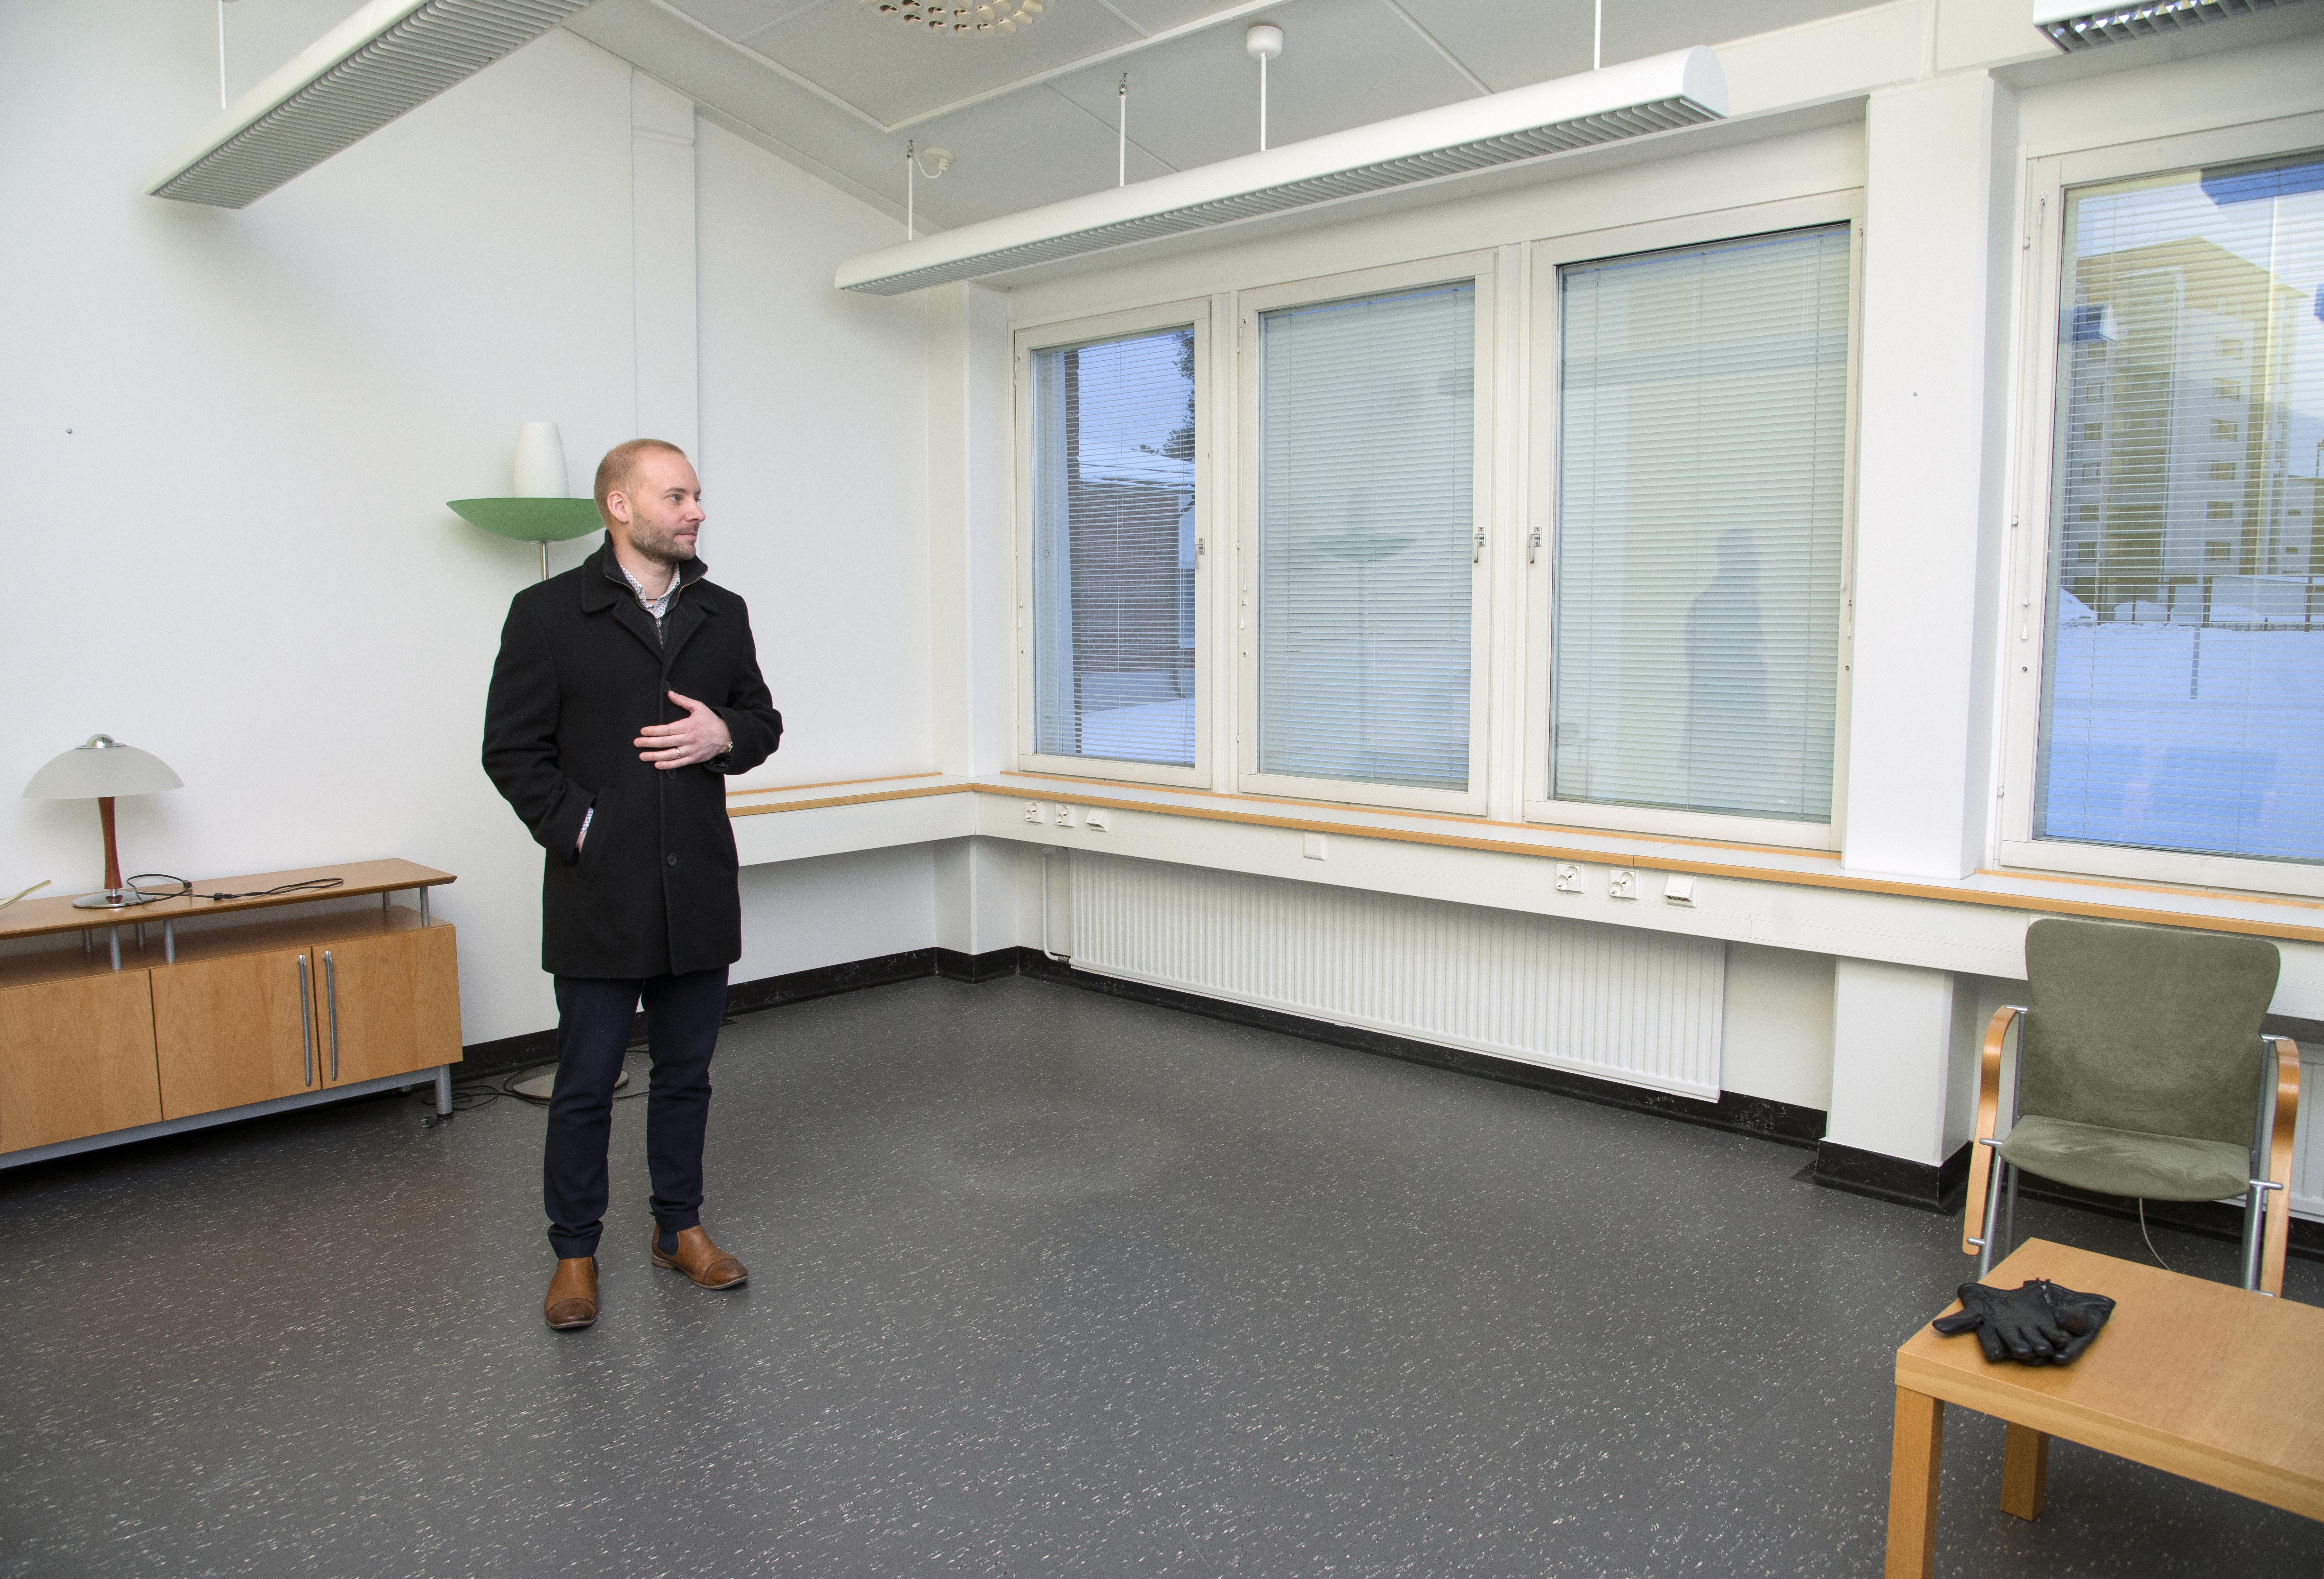 - Taas evakkoon, toteaa Kempeleen kunnanjohtaja Tuomas Lohi muutaman vuoden takaisen kunnantalon epäonnistuneesta remontista. (Kuva Vesa Ranta)